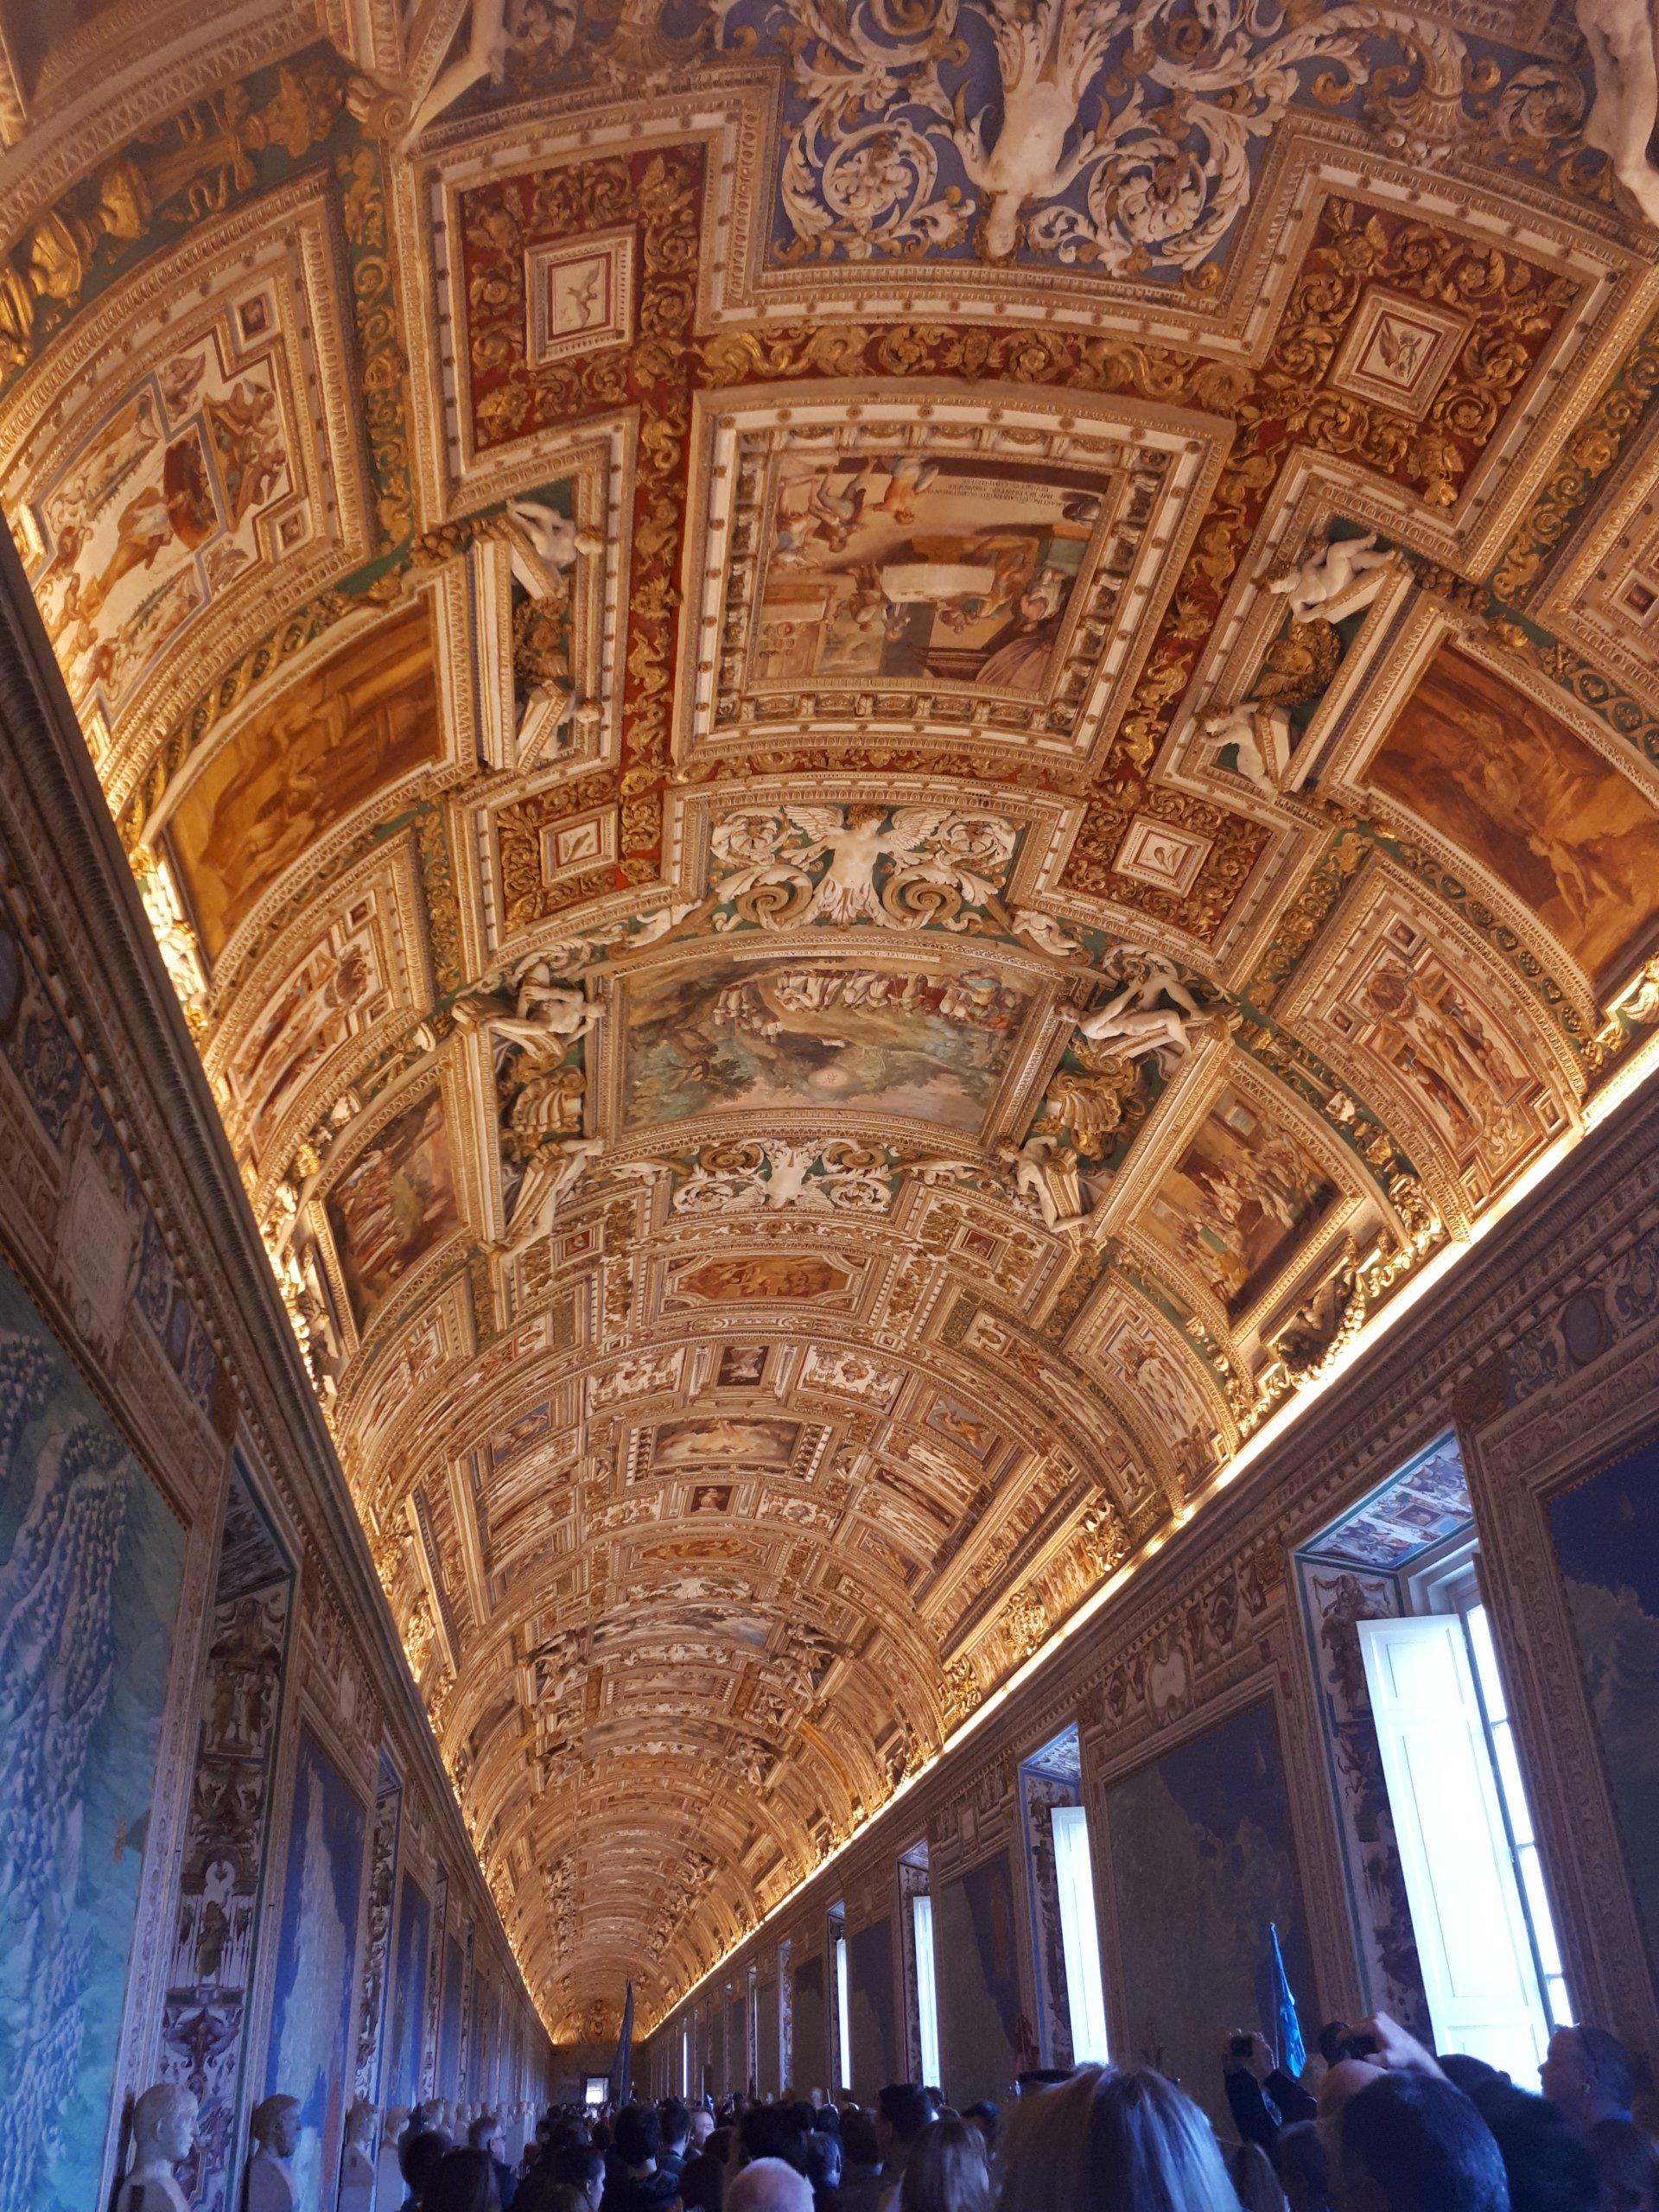 [FOTO] U Vatikanu, gdje god se okrenete, naiđete na prizor koji ostavlja bez daha